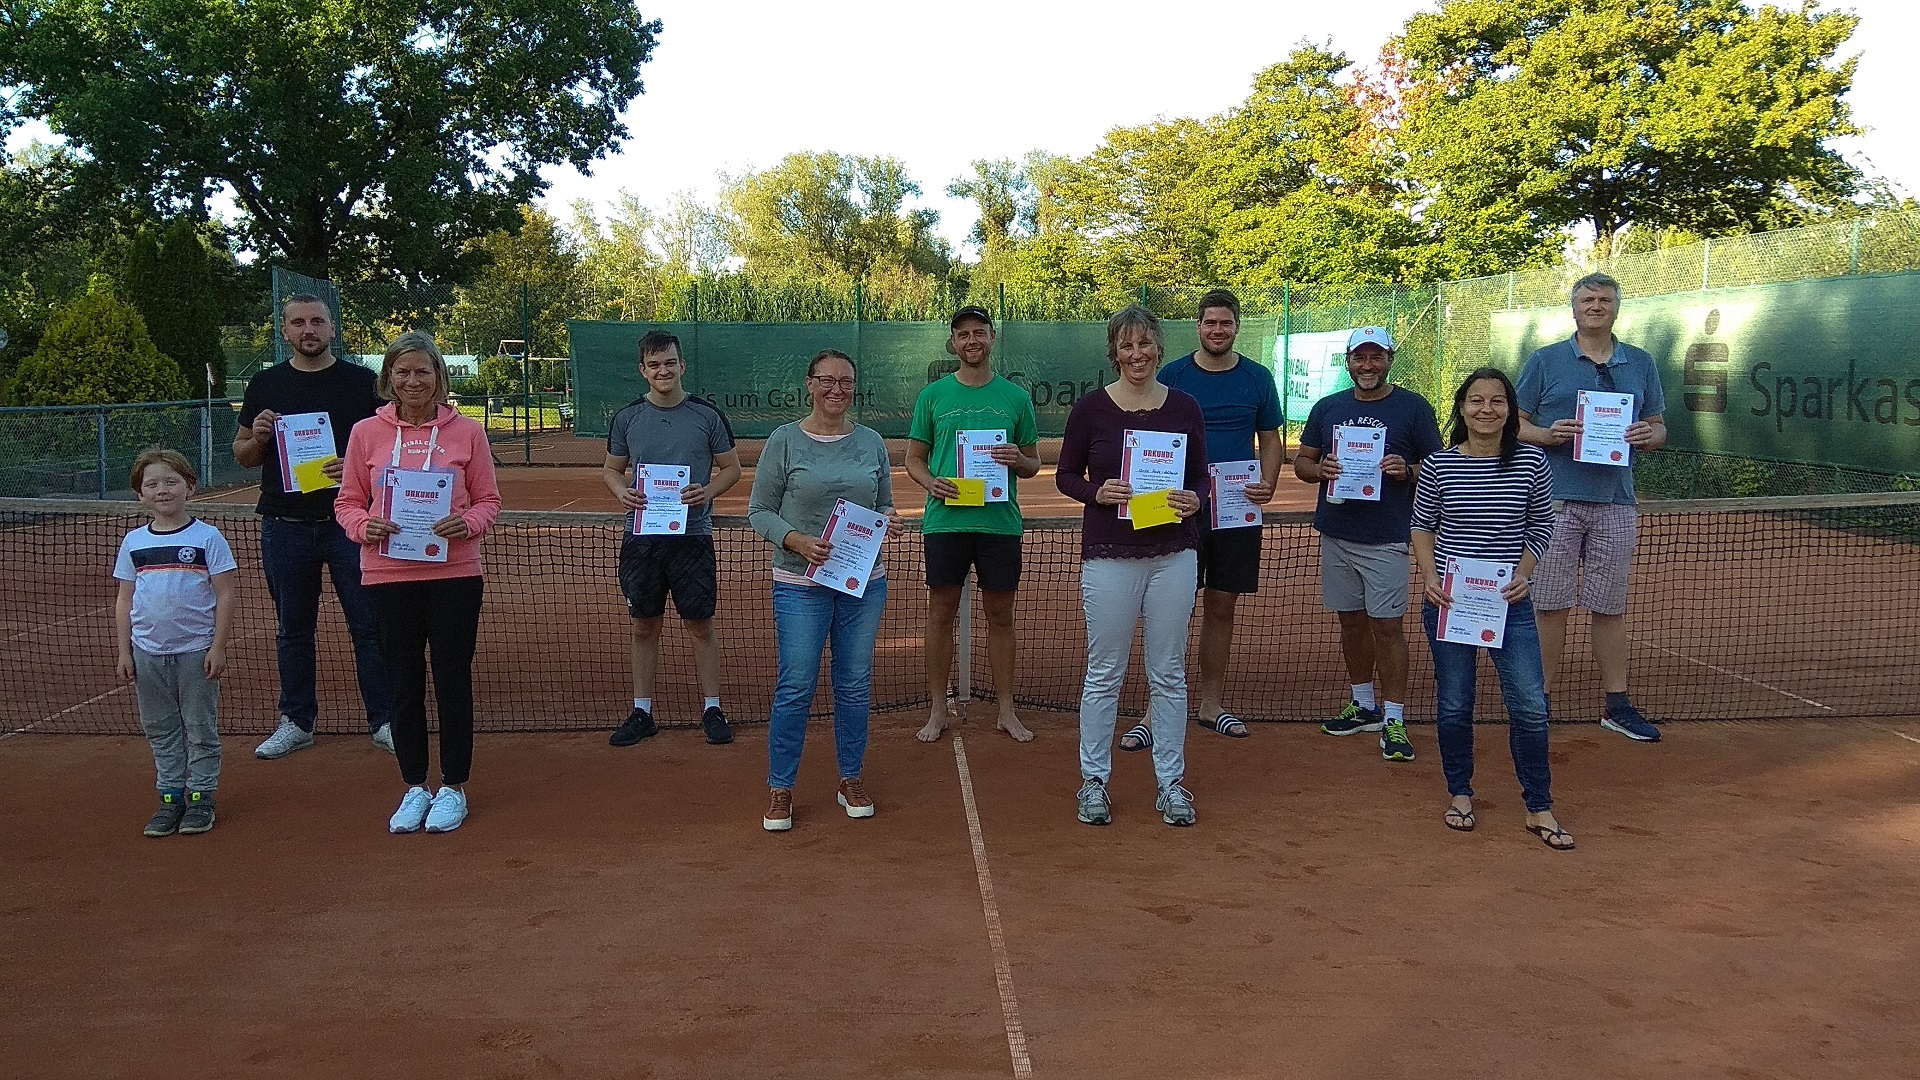 telekom-post-sv-bielefeld-tennisabteilung-vereinsmeisterschaften-2020-sieger-einzel-damen-und-herren-gruppenfoto-hp